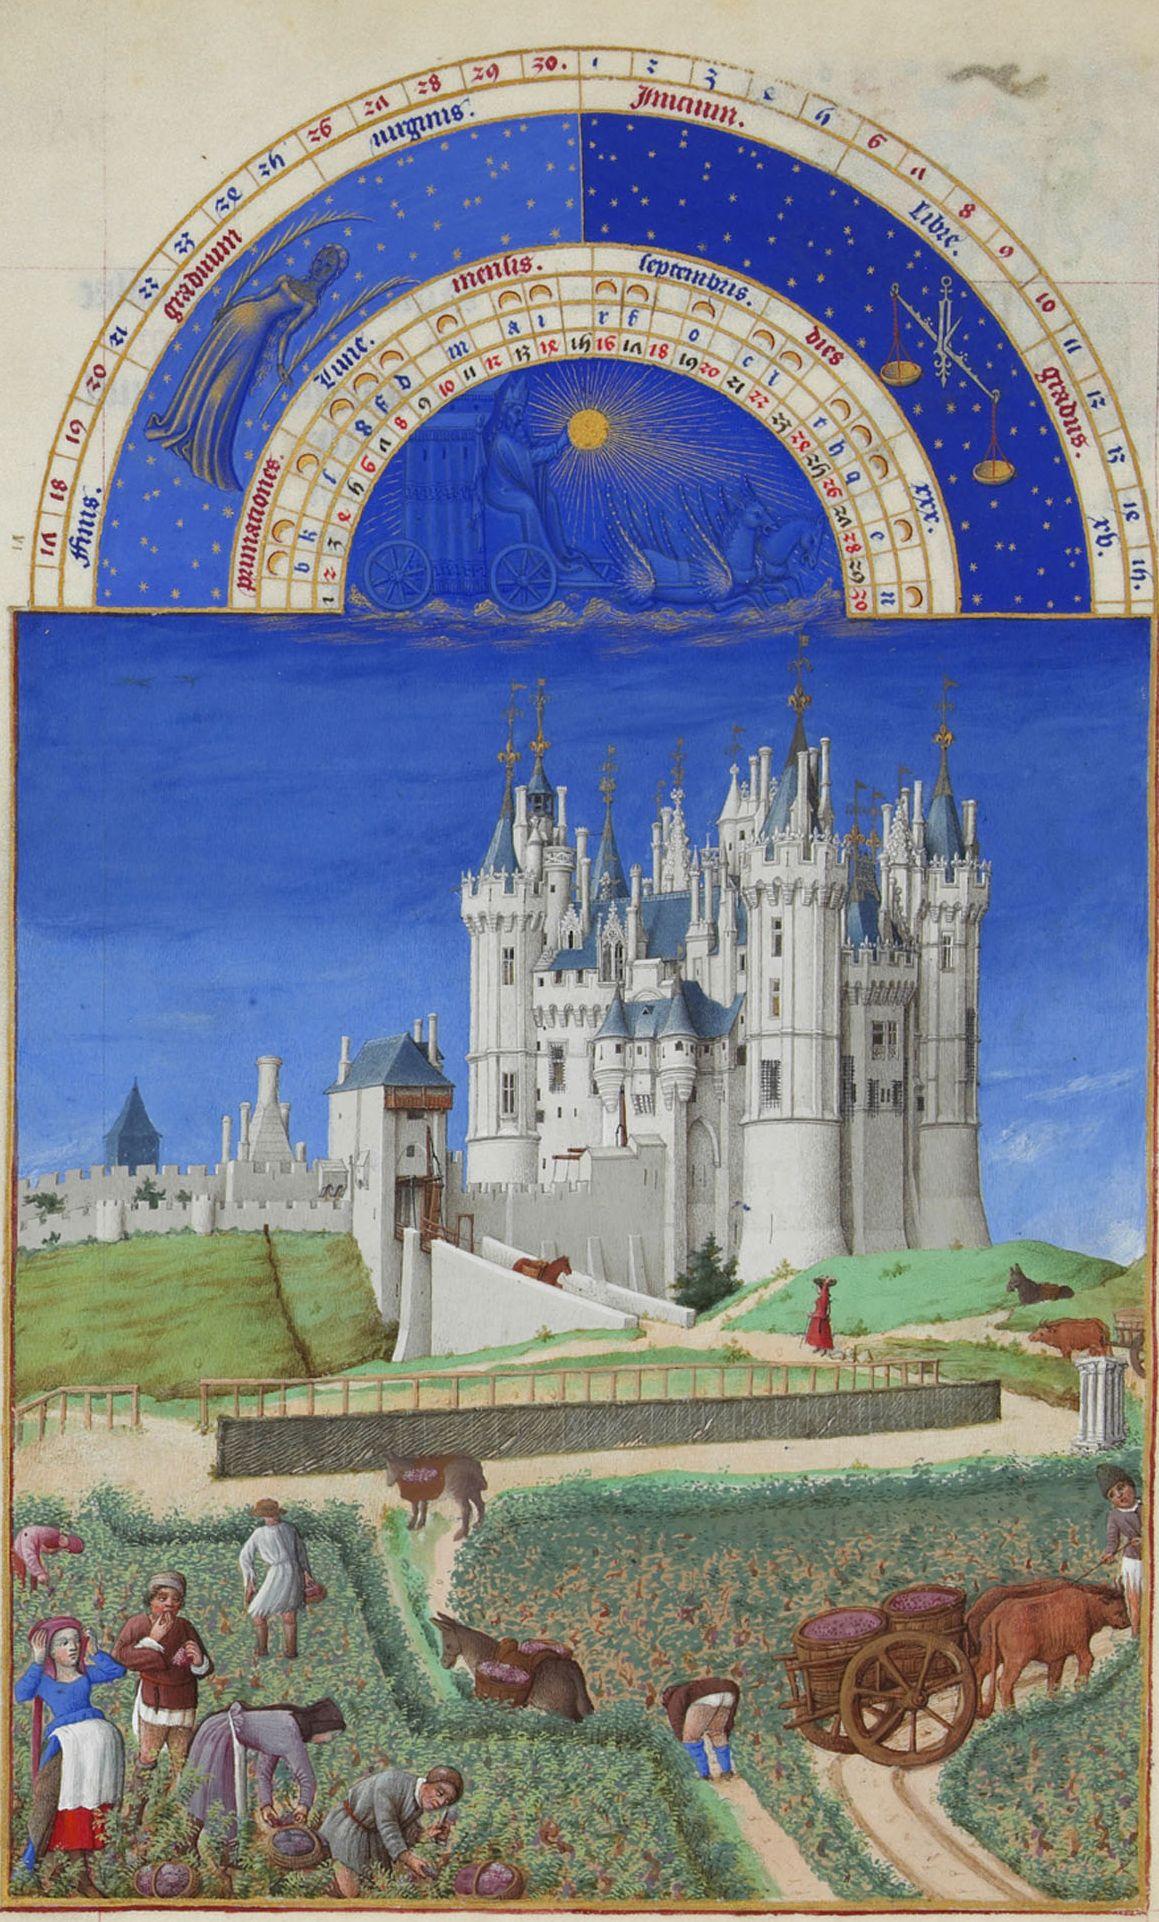 Weinlese in den herzöglichen Weingärten: Der September im Großen Stundenbuch des Duc de Berry, 15. Jh. Chantilly, Musée Condé, Ms. 65, fol. 9v.